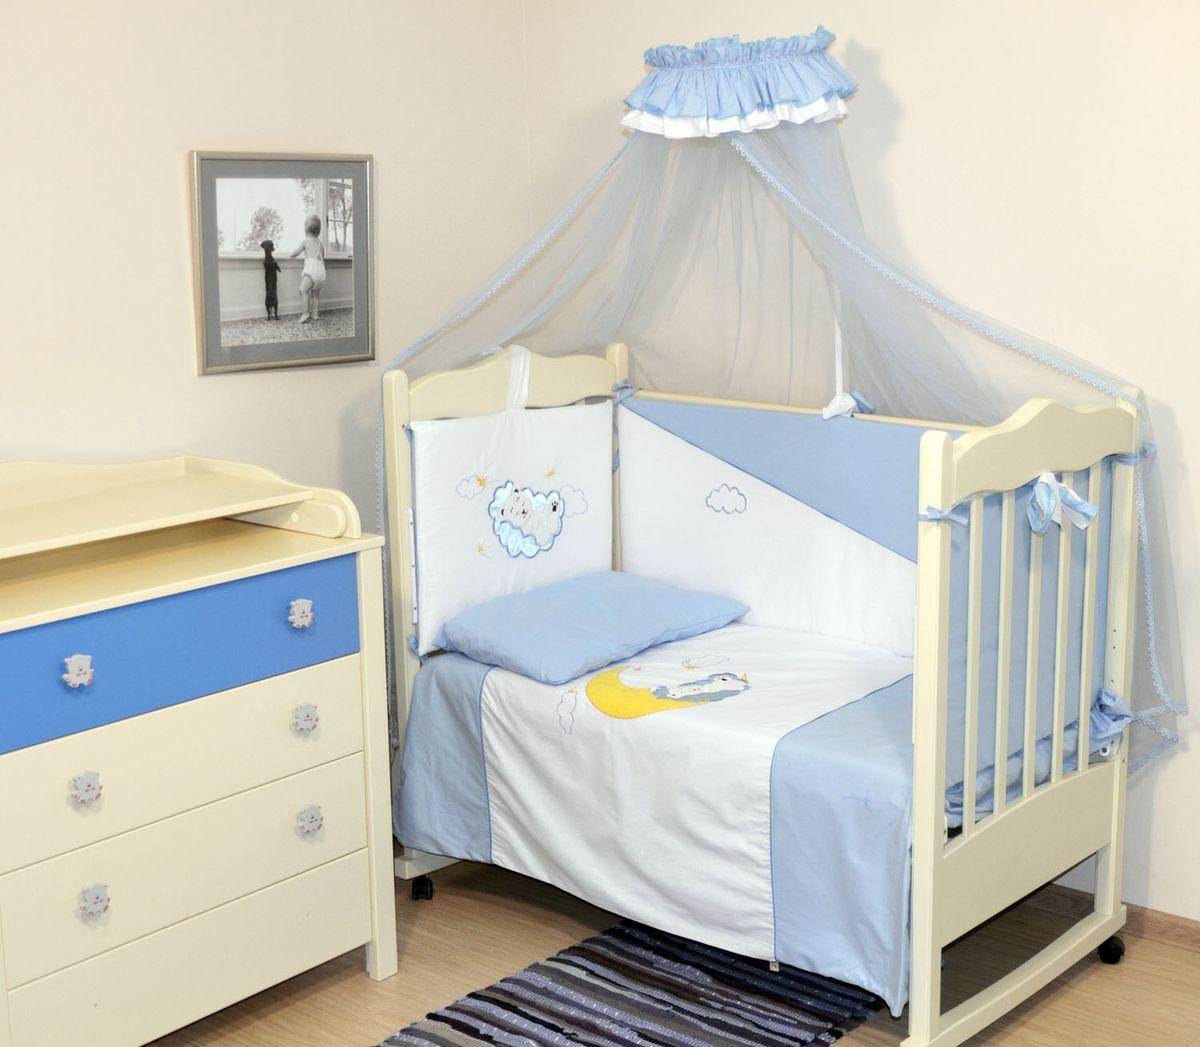 Топотушки Комплект детского постельного белья Марсель цвет голубой 7 предметов4630008873649Комплект постельного белья из 7 предметов включает все необходимые элементы для детской кроватки. Комплект создает для Вашего ребенка уют, комфорт и безопасную среду с рождения; современный дизайн и цветовые сочетания помогают ребенку адаптироваться в новом для него мире. Комплекты «Топотушки» хорошо вписываются в интерьер как детской комнаты, так и спальни родителей. Как и все изделия «Топотушки» данный комплект отражает самые последние технологии, является безопасным для малыша и экологичным. Российское происхождение комплекта гарантирует стабильно высокое качество, соответствие актуальным пожеланиям потребителей, конкурентоспособную цену. Балдахин 3м (сетка); охранный бампер 360х50см. (из 4-х частей, наполнитель – холлофайбер); подушка 40х60см. (наполнитель – холлофайбер); одеяло 140х110см. (наполнитель – холлофайбер); наволочка 40х60см; пододеяльник 147х112см; простынь на резинке 120х60см